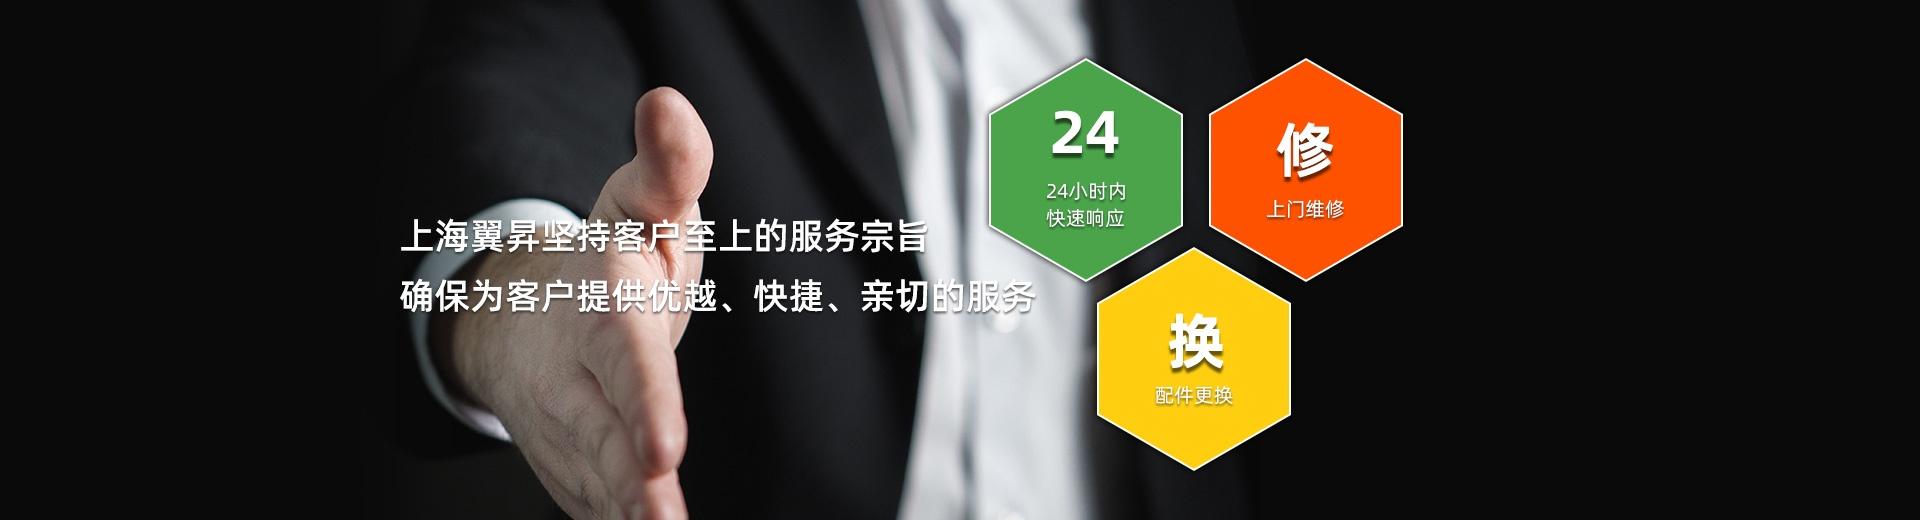 网站首页banner